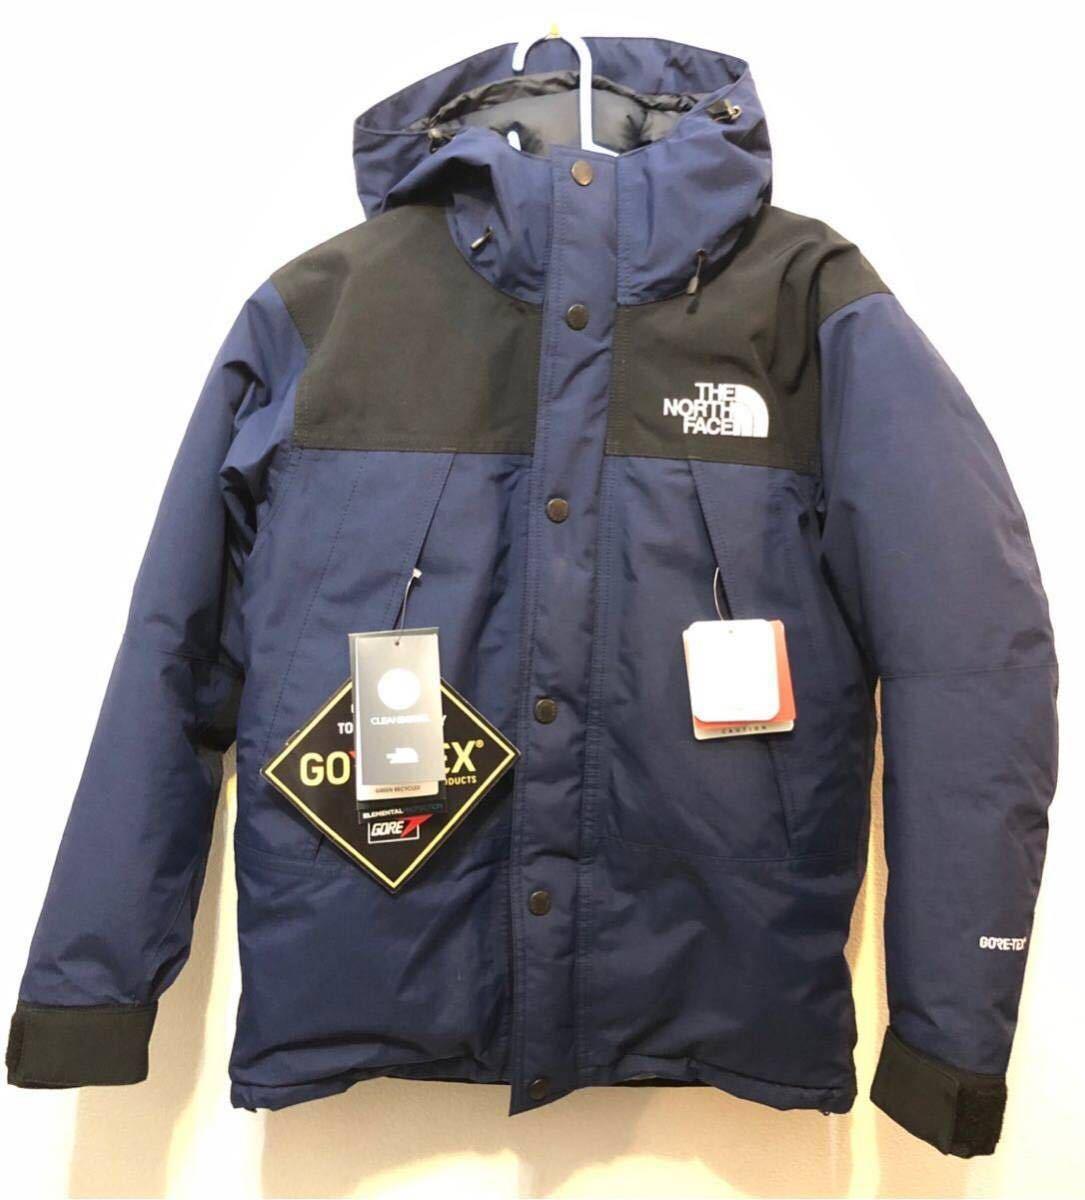 美品 THE NORTH FACE Mountain Down Jacket XSサイズ CM コズミックブルーノースフェイス マウンテン ダウンジャケット 国内正規品 supreme